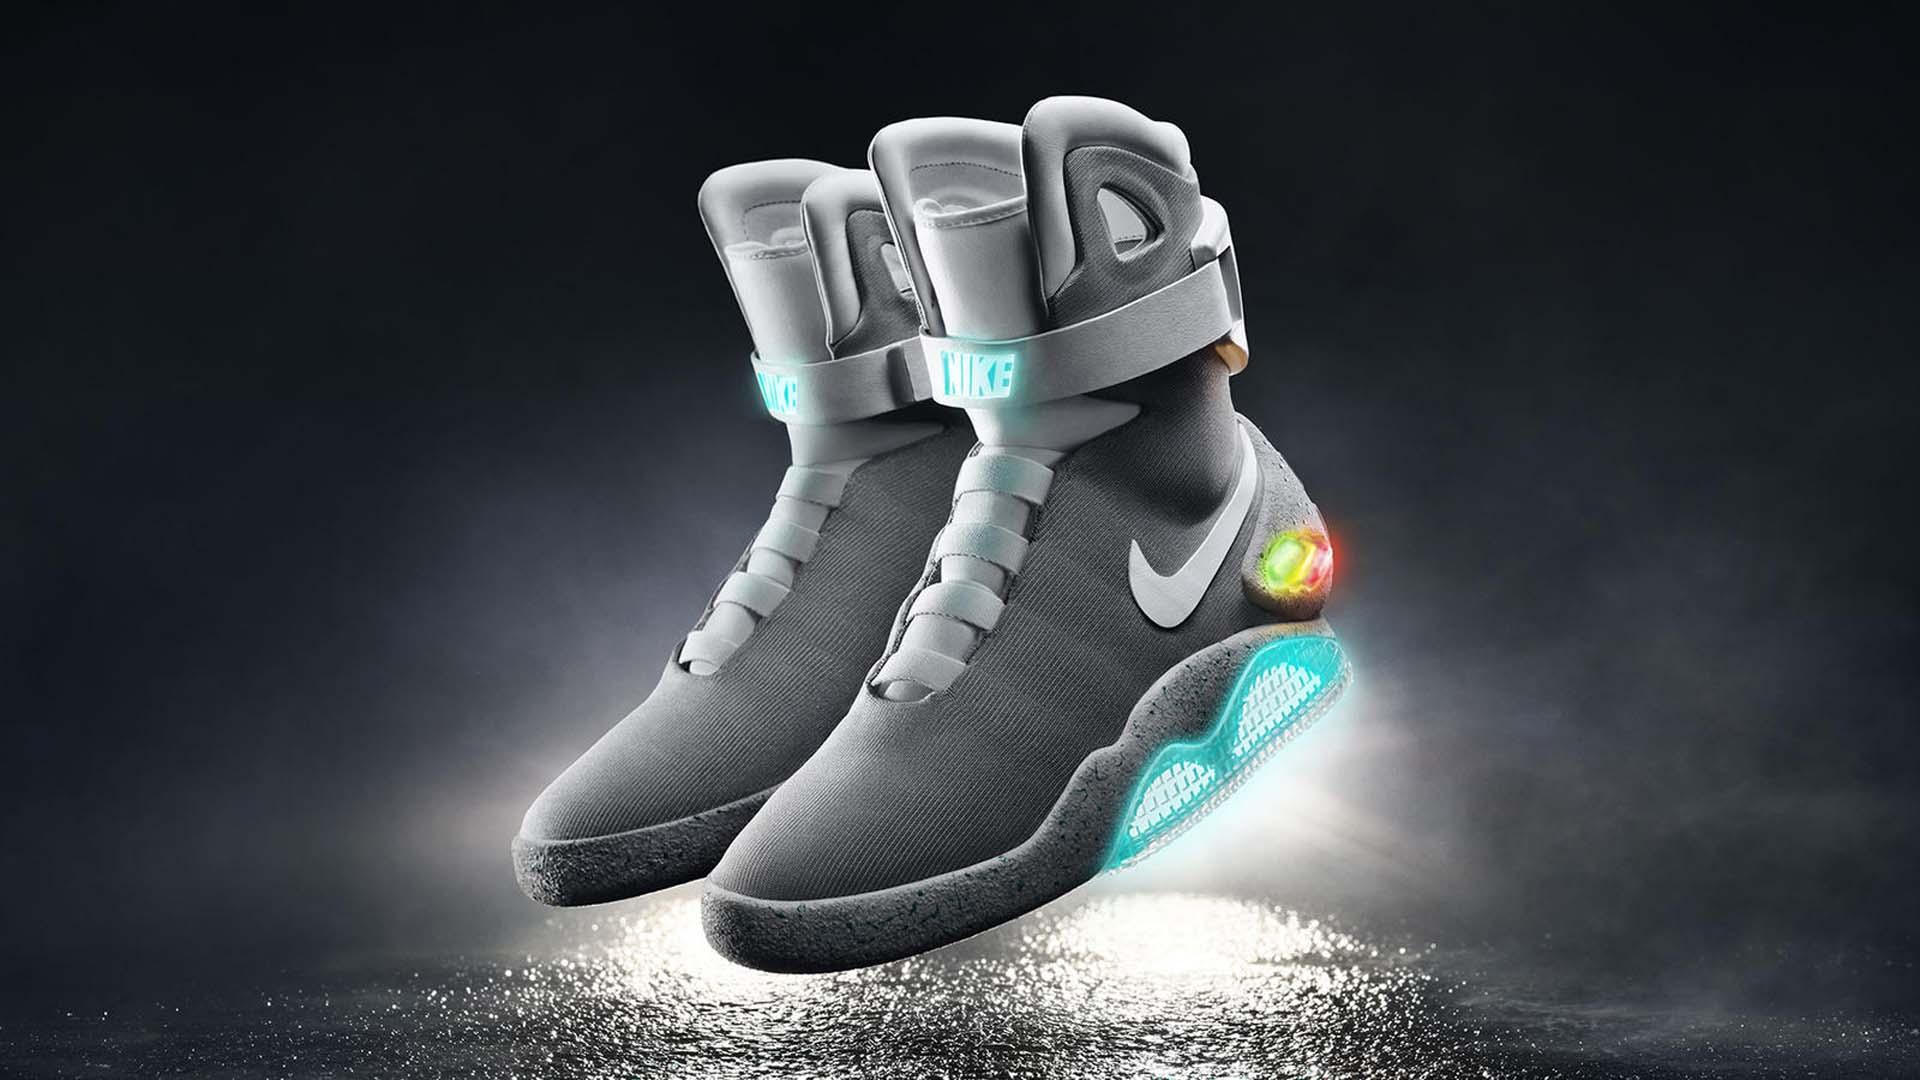 eb64f4e3c3b5 Retour vers le Futur : de vraies baskets autolaçantes confirmées par Nike